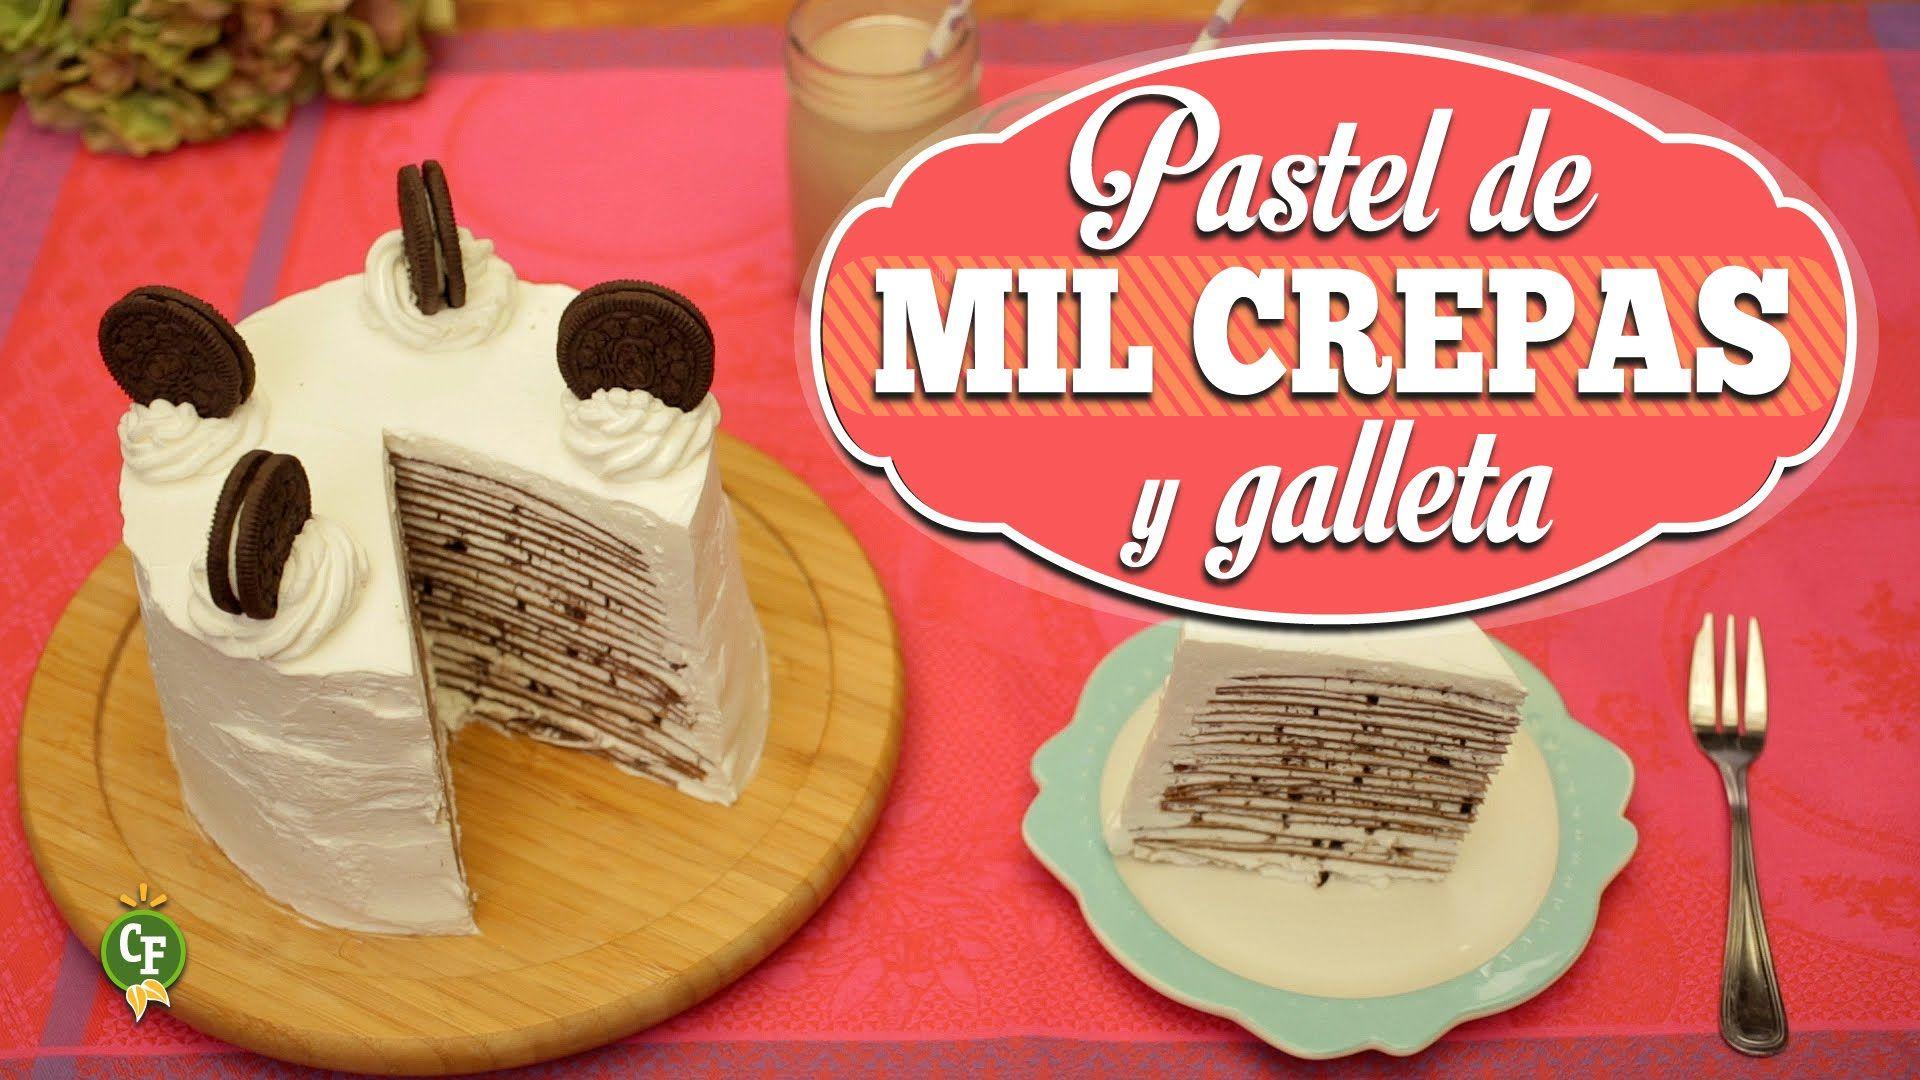 ¿Cómo preparar Pastel Helado de Mil Crepas y Galletas? - Cocina Fresca